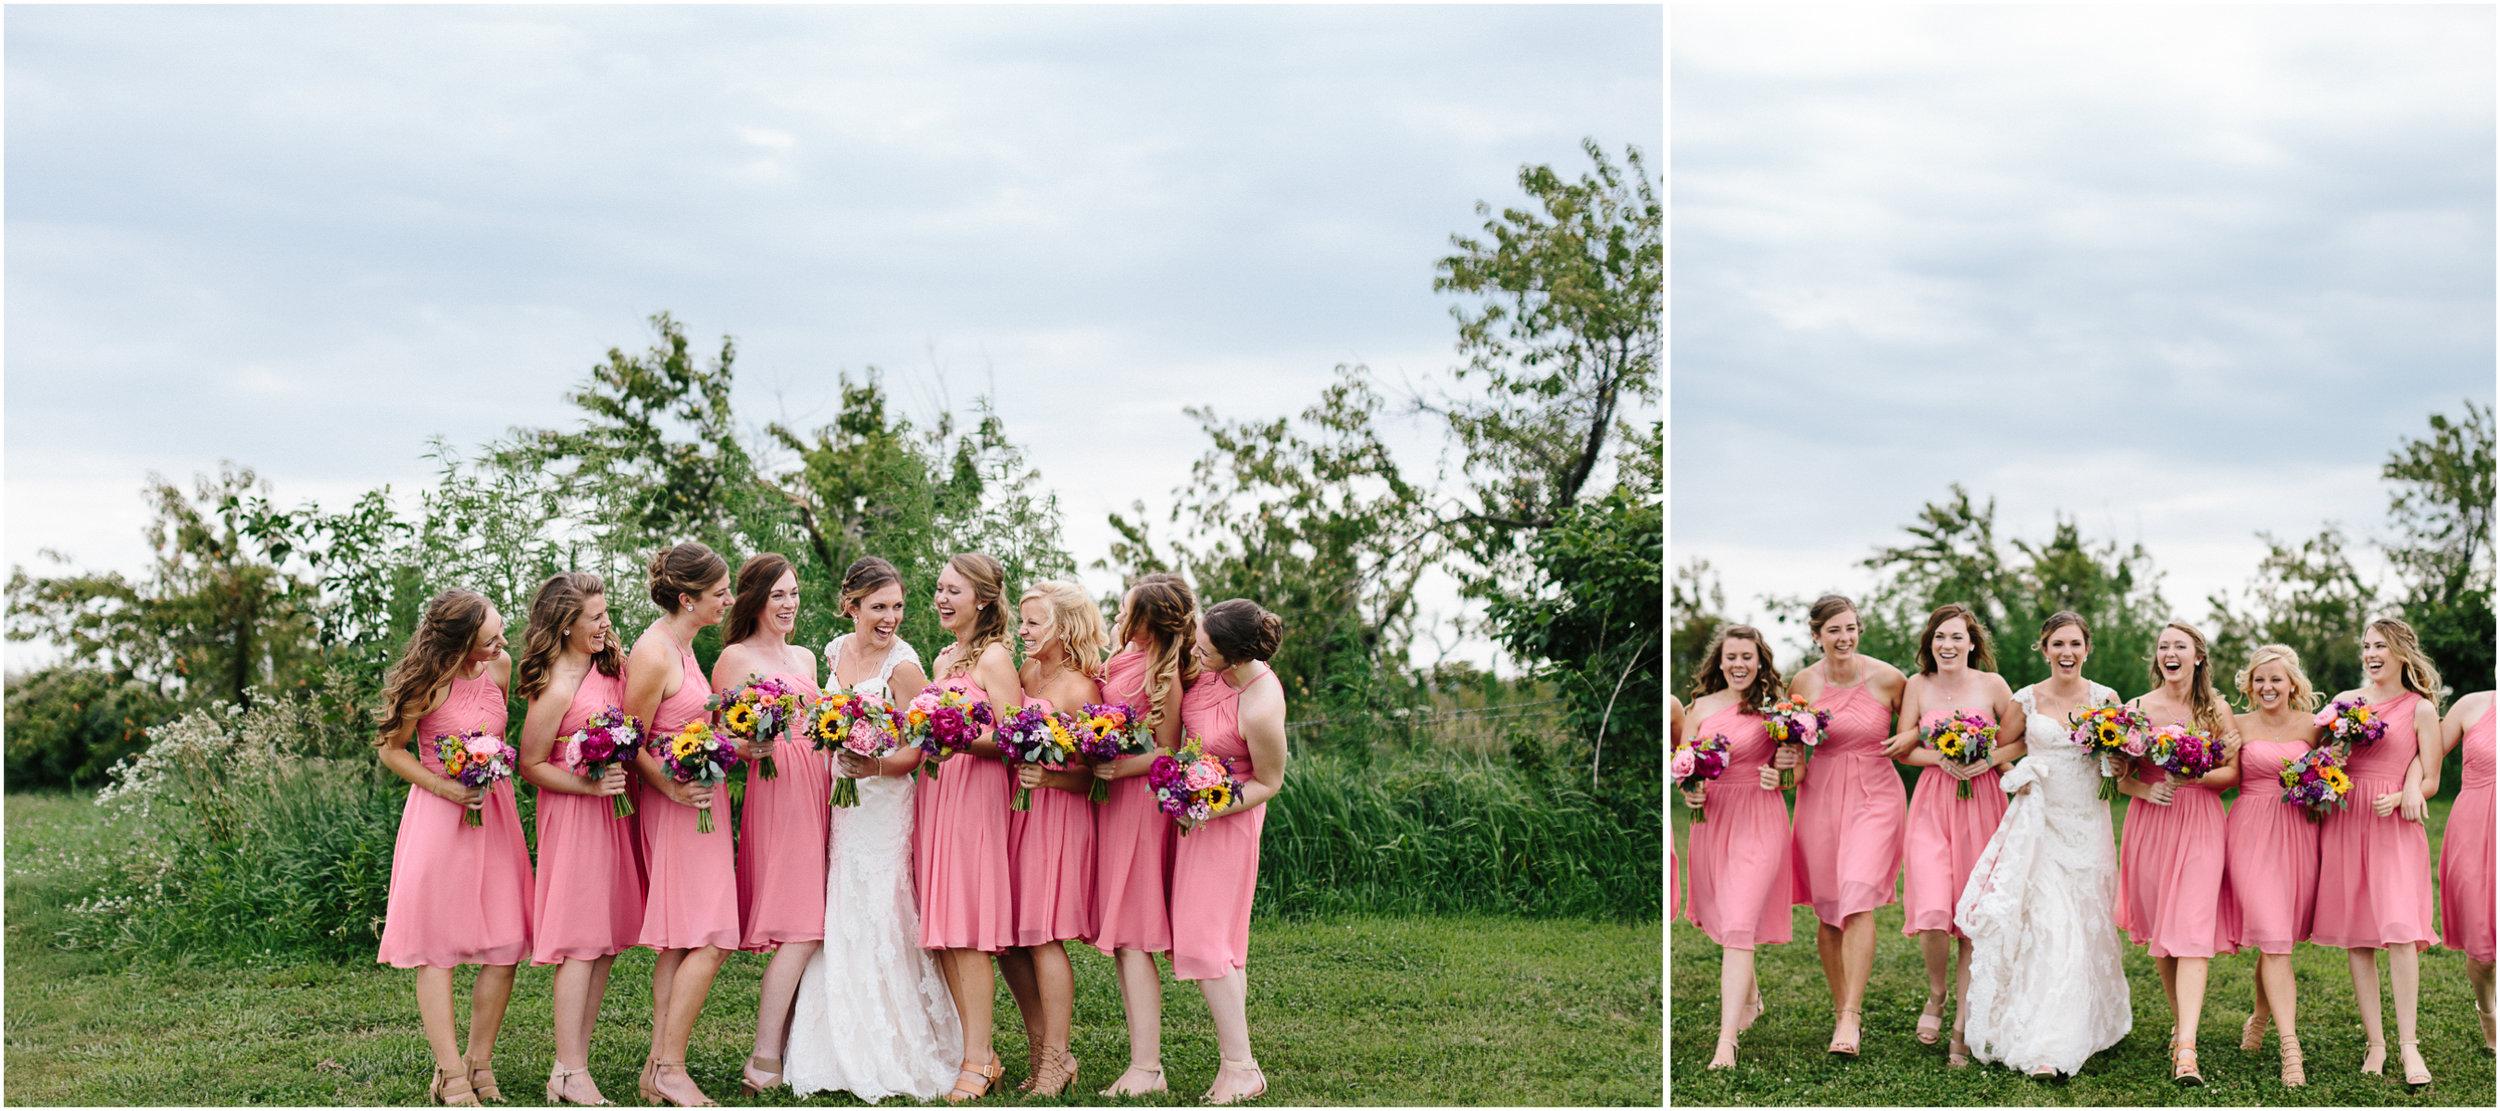 alyssa barletter photography weston missouri bright summer wedding allie and alex cole-17.jpg